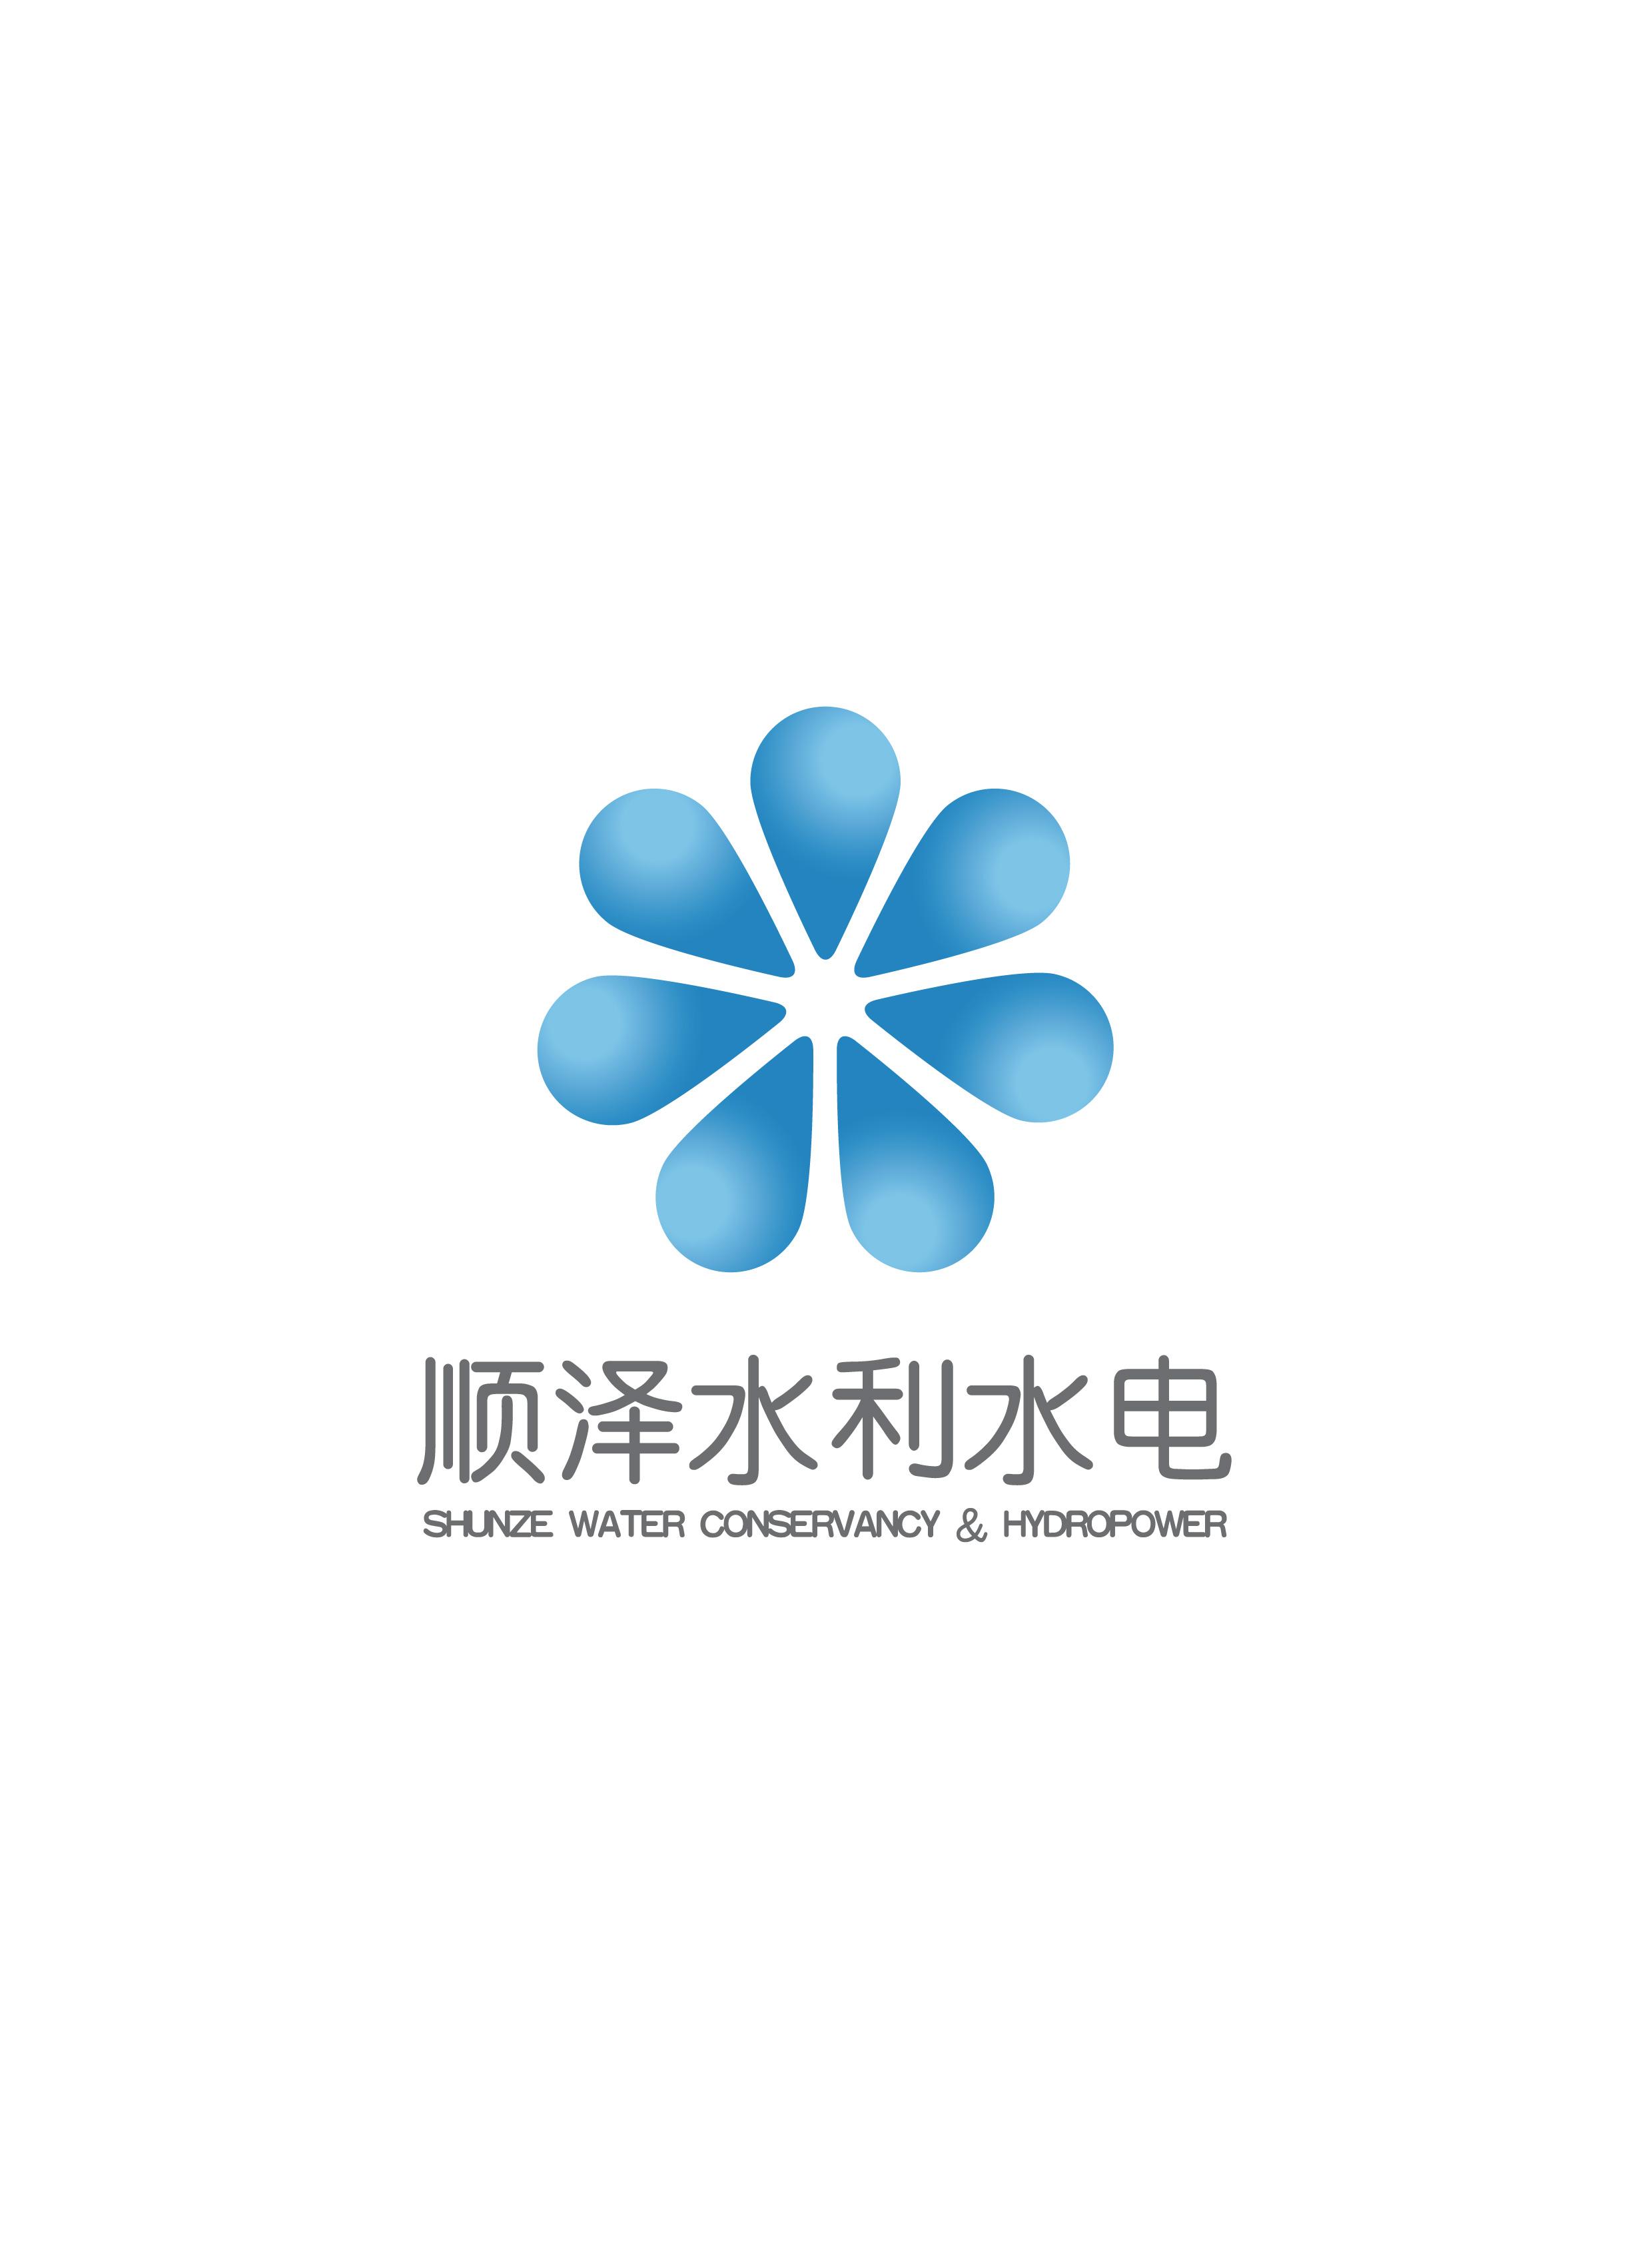 杭州顺泽水利水电工程设计有限公司